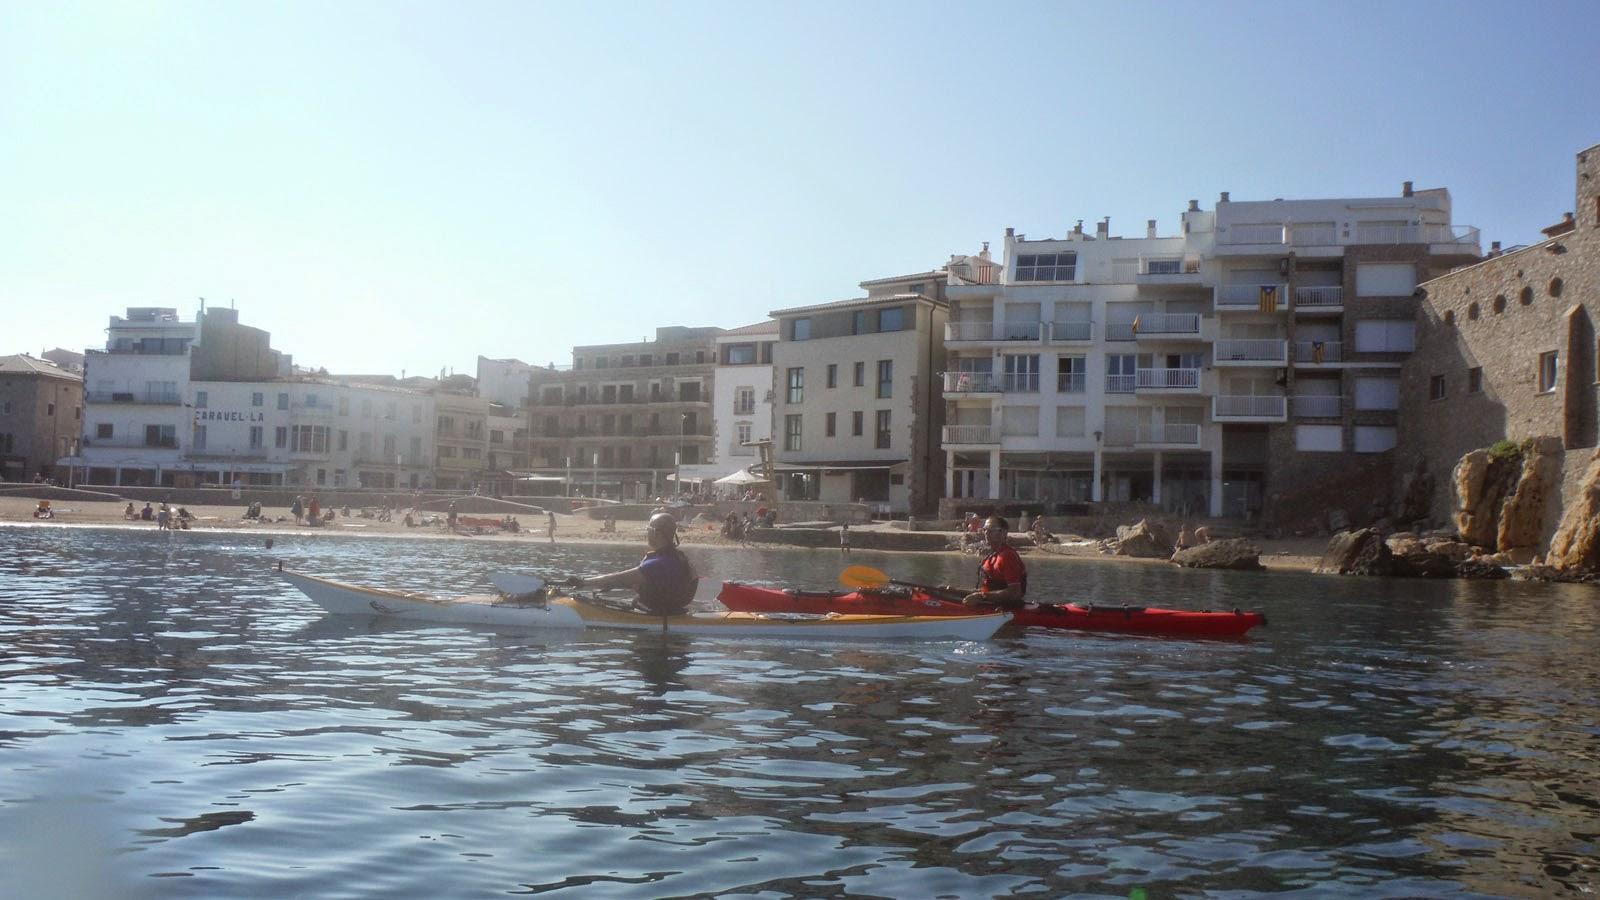 Port d'en Perris - Pesca i caiac Costa Brava - L'escala